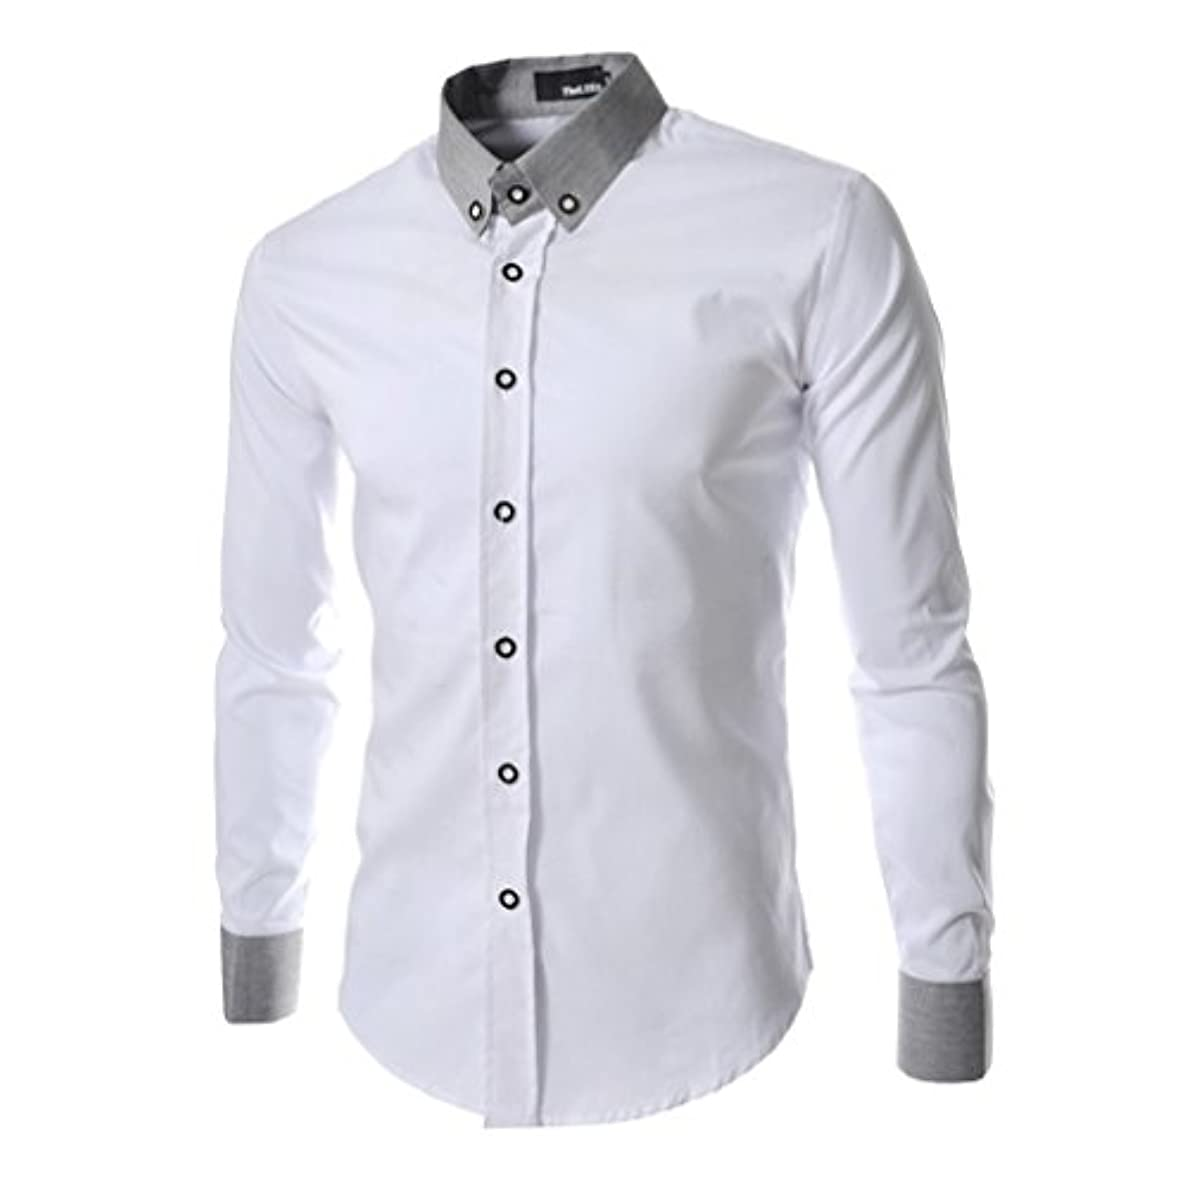 小麦成人期キャロラインHonghu メンズ シャツ 長袖 四つ色 ホワイト 2XL 1PC